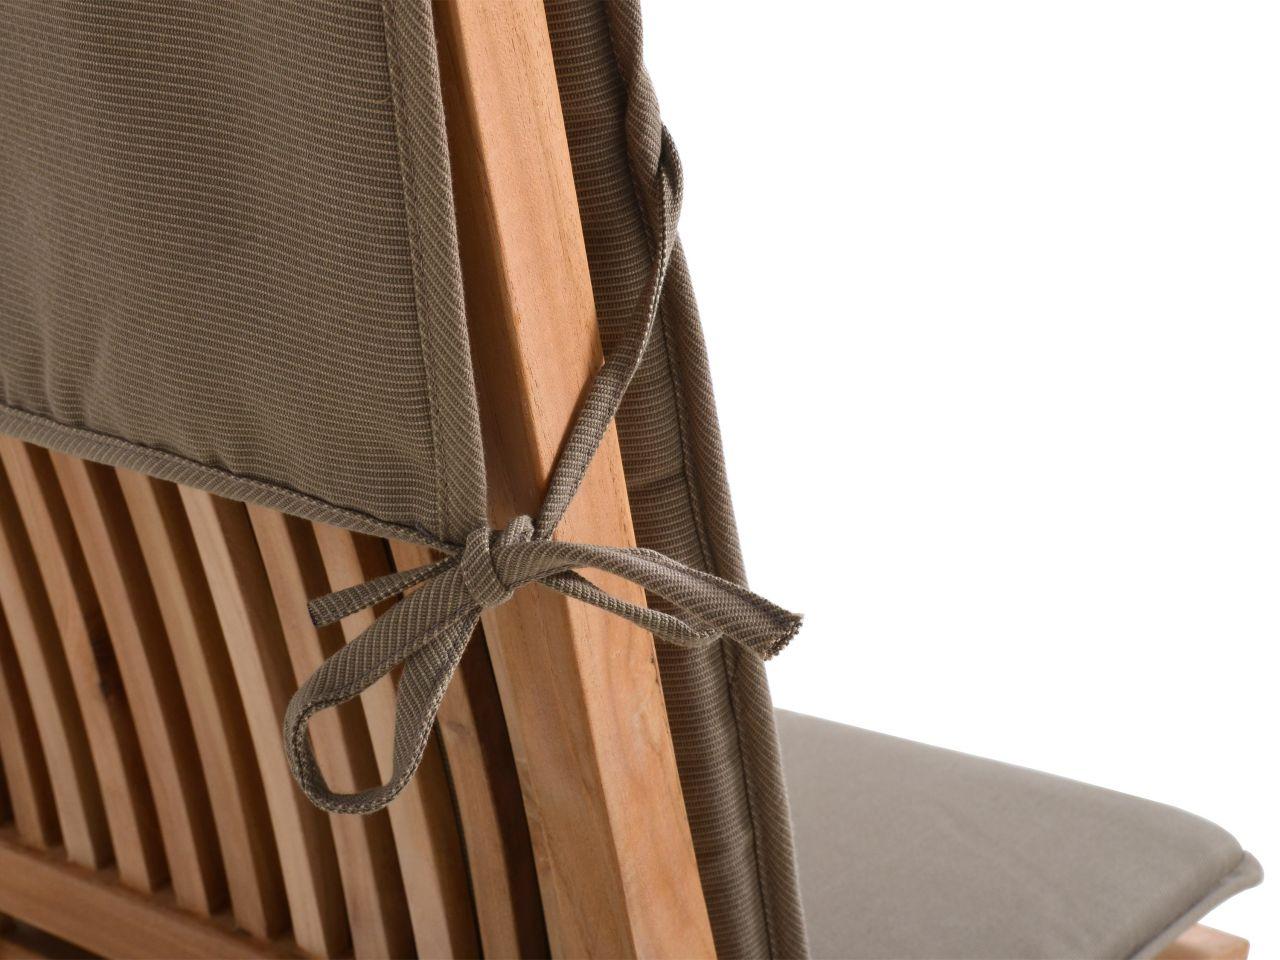 Stuhlauflage mit flexibler Befestigung